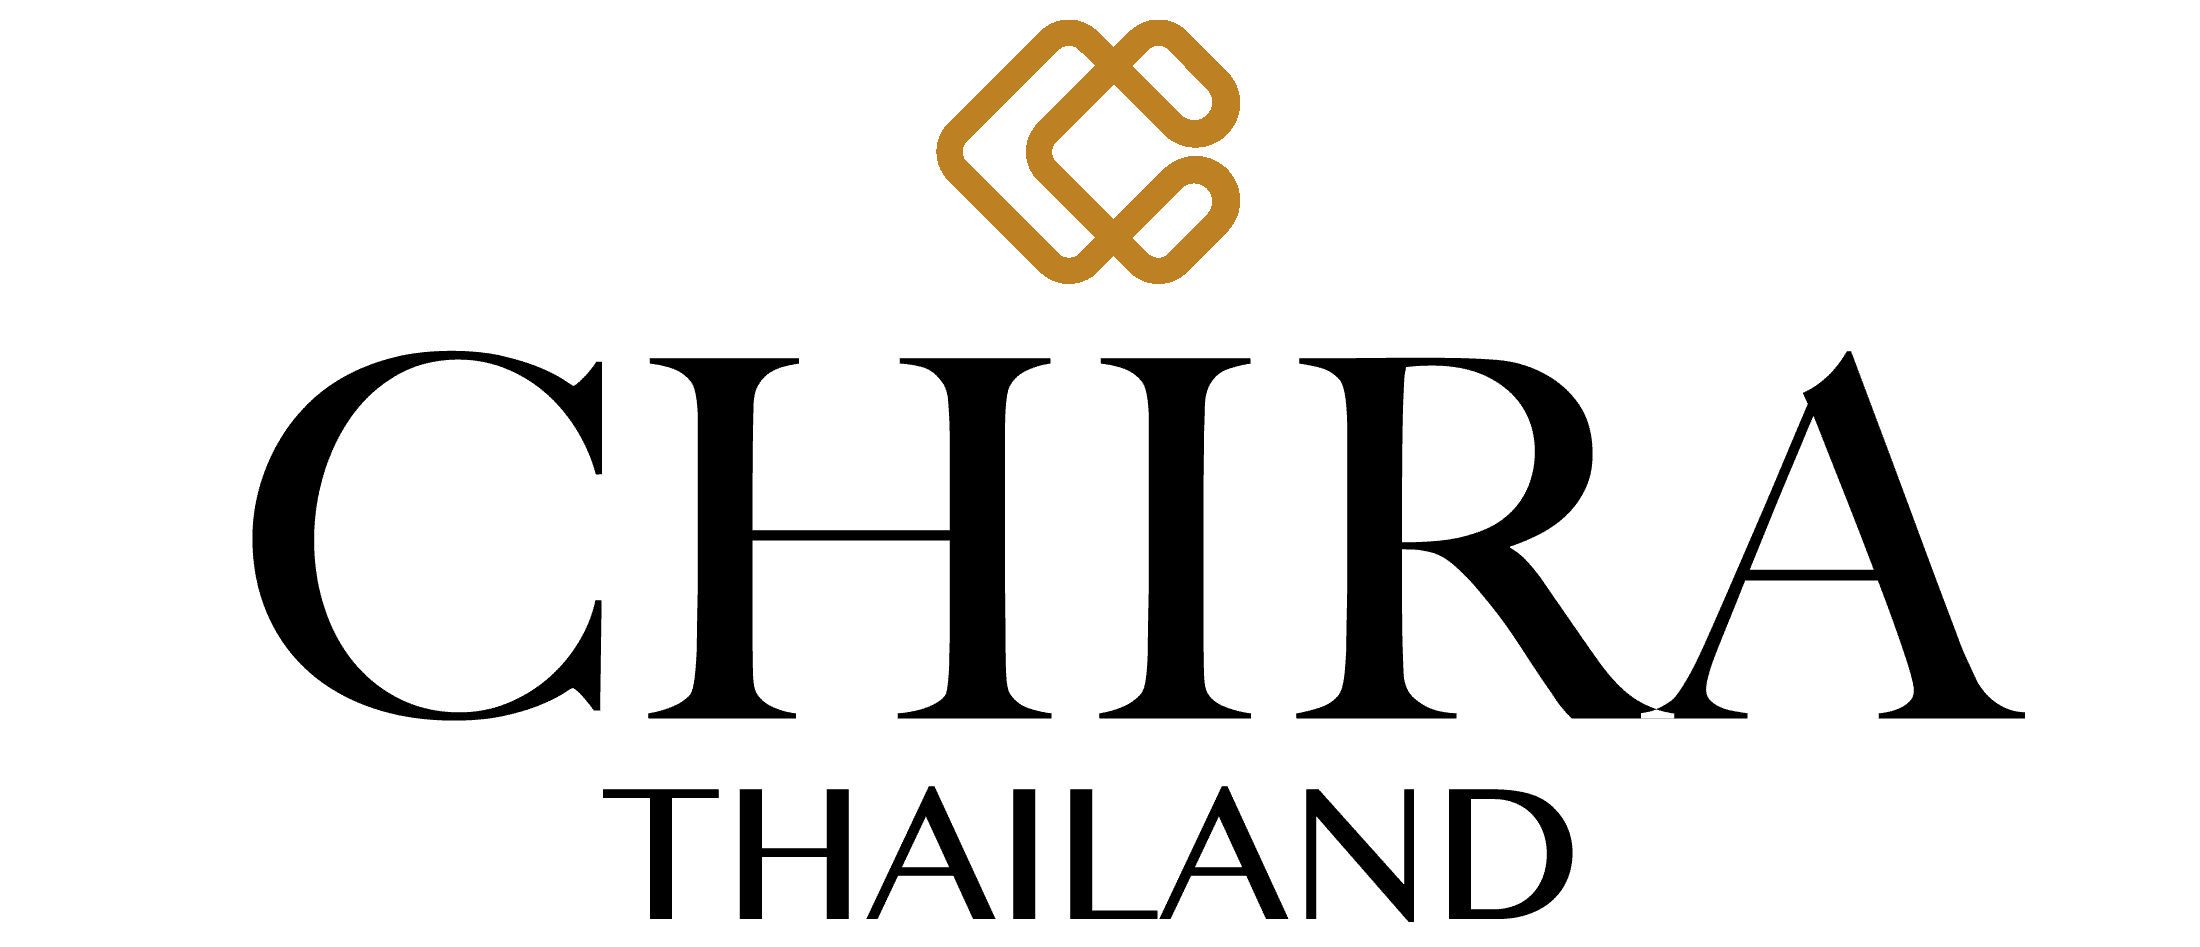 ชีร่าไทยแลนด์ CHIRA Thailand โลชั่นผิวขาว เชรั่มหน้าใส ครีมหน้าขาว เครื่องสำอางเพื่อคนไทย ความสวยต้องมาก่อน